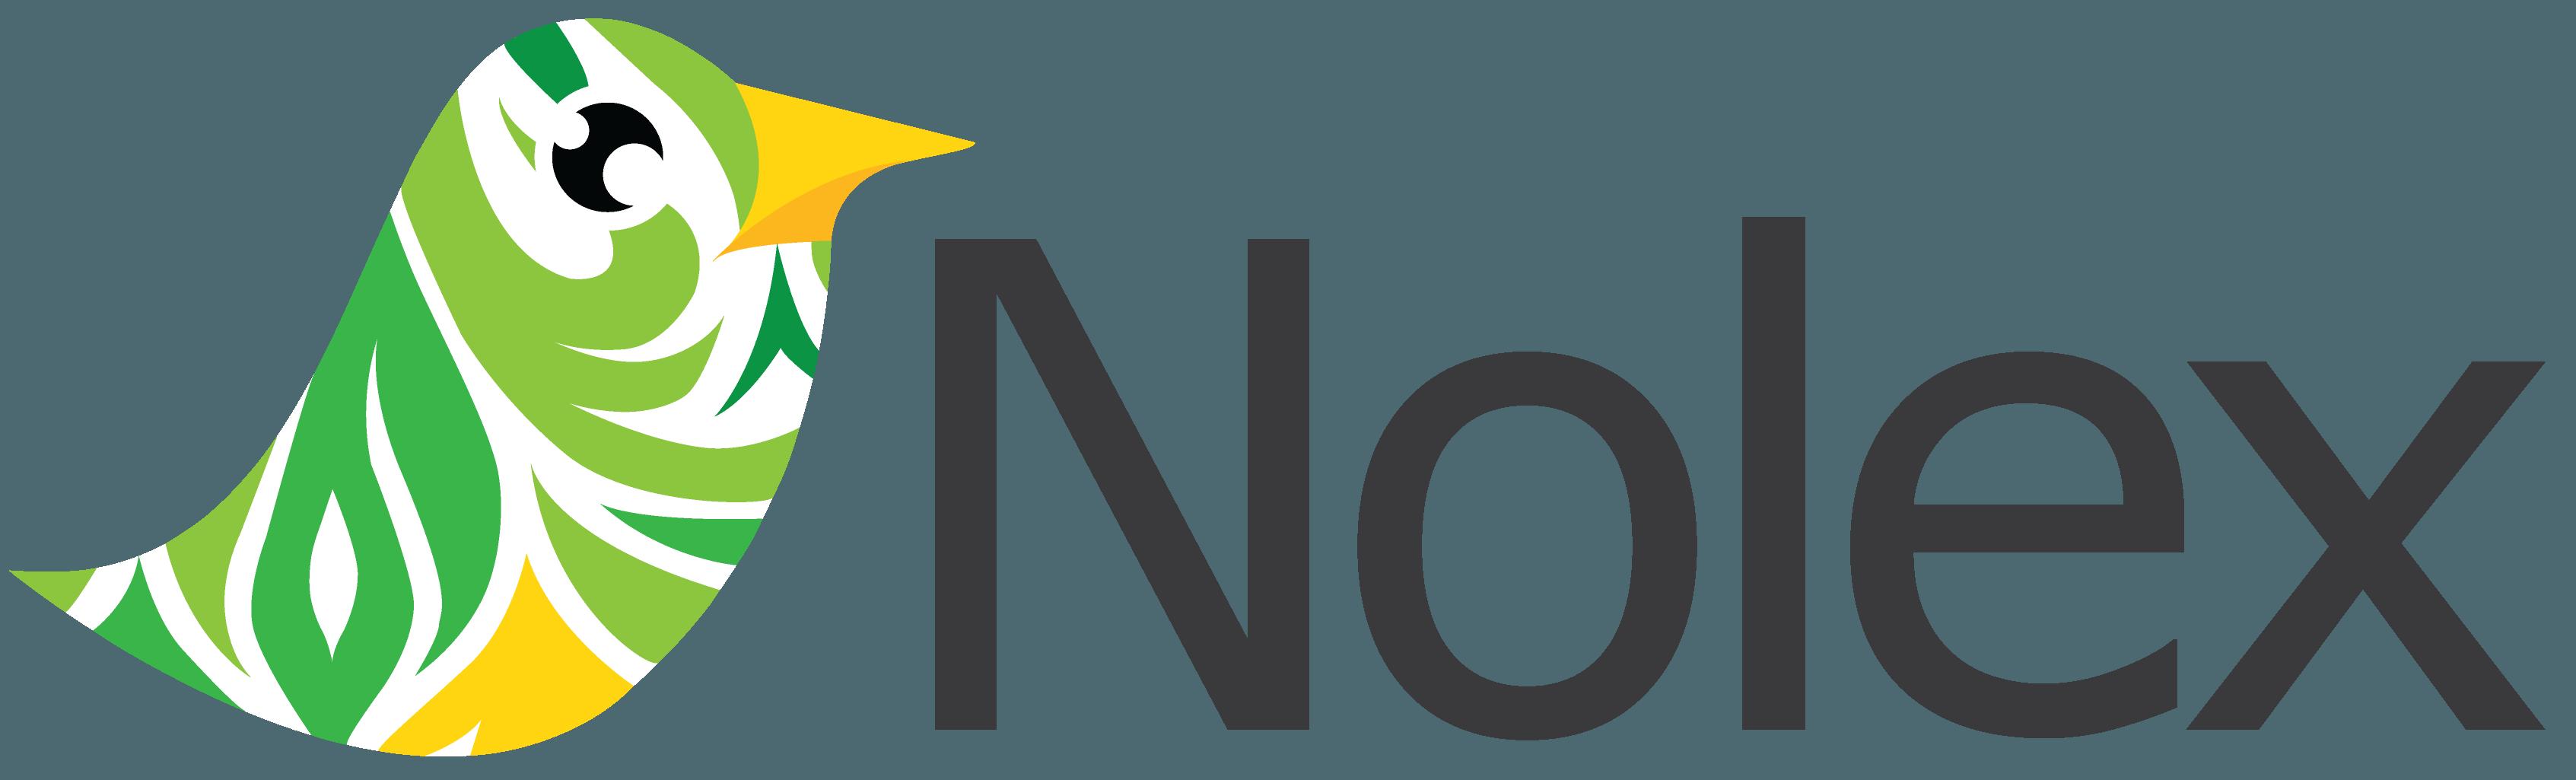 Reclamebureau Nolex